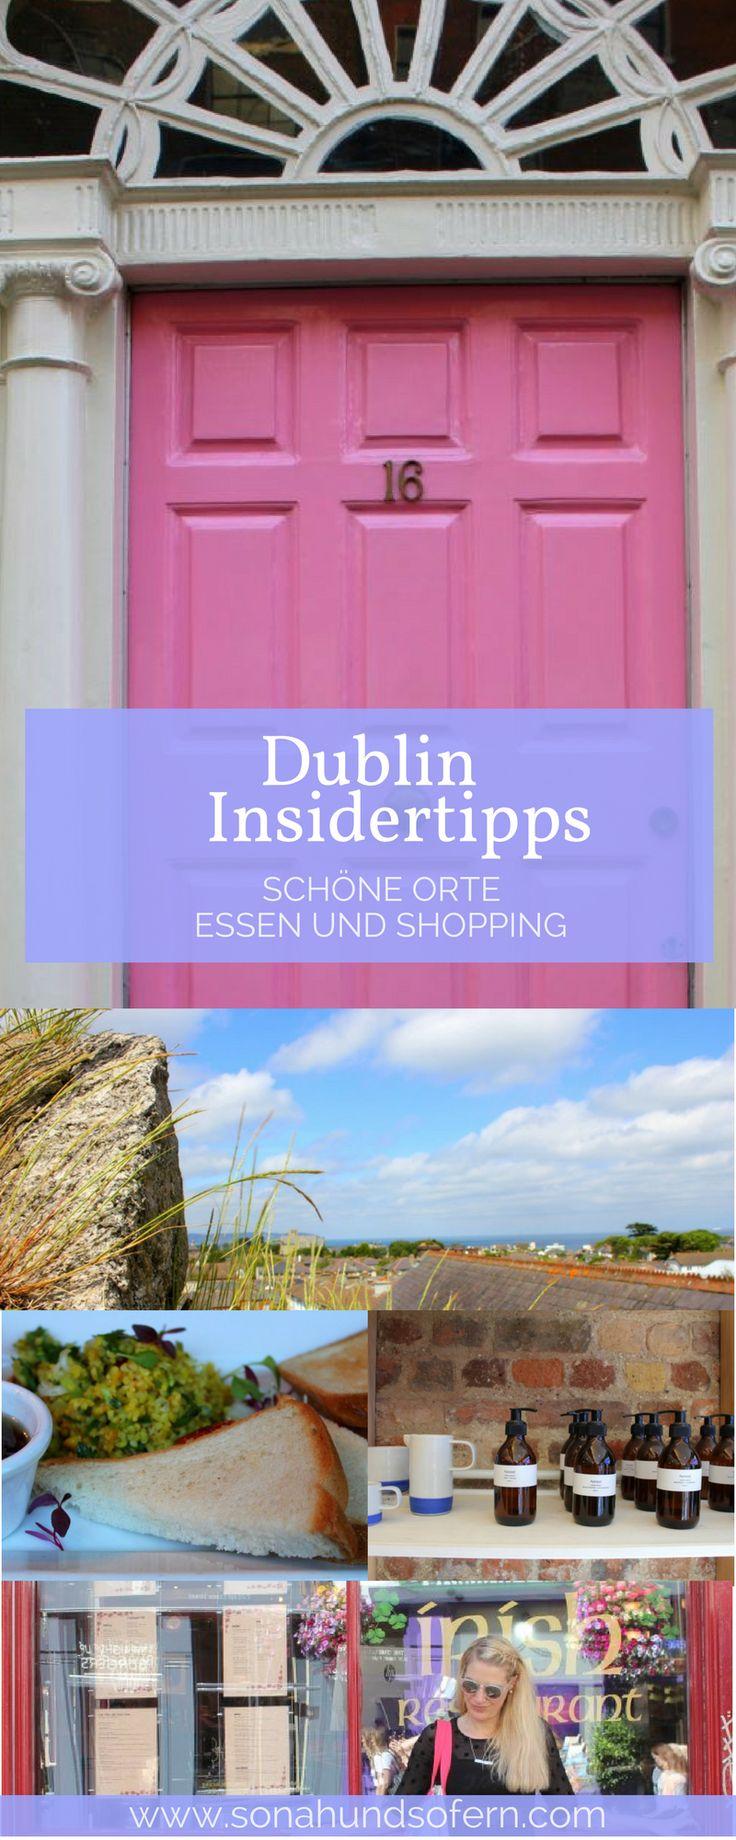 Dublin Insidertipps und Bilder